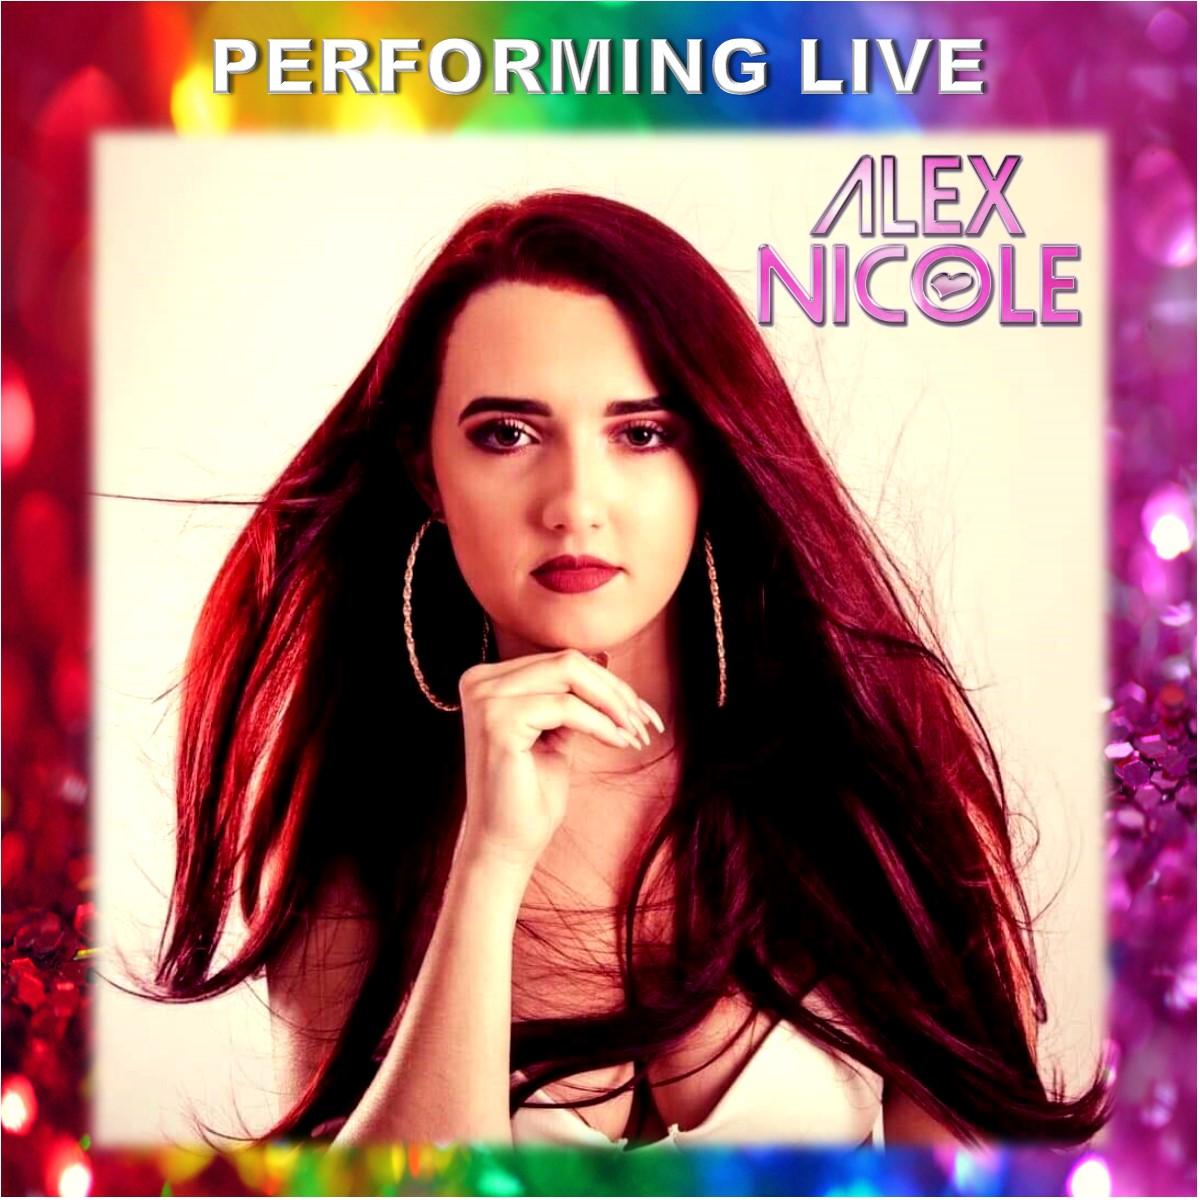 Alex Nicole